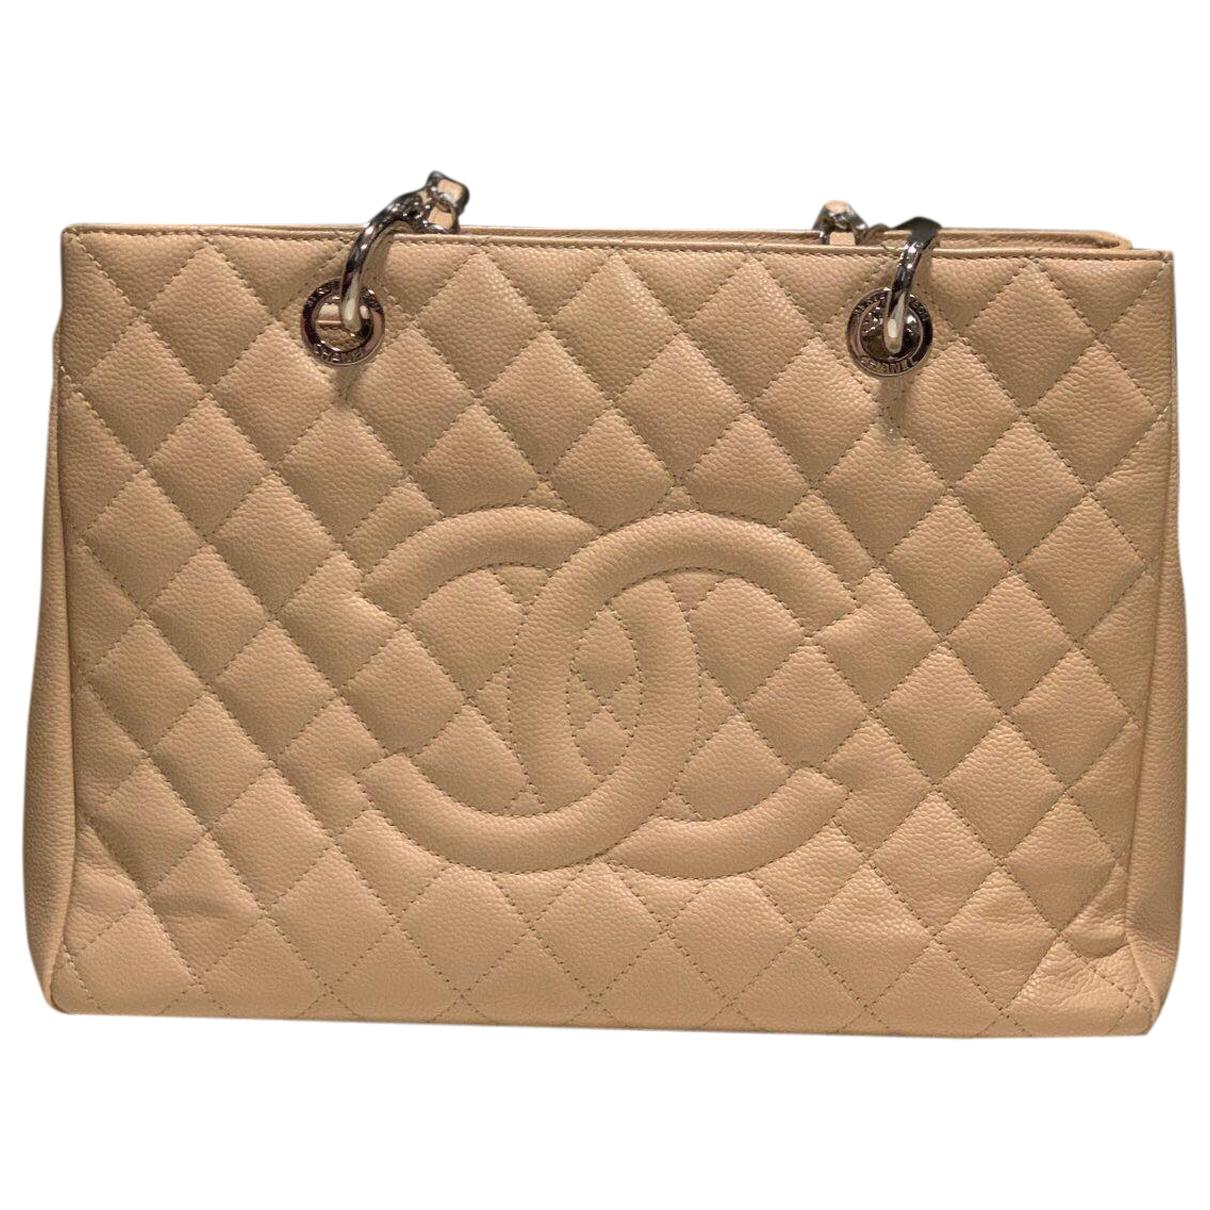 Chanel Grand shopping Beige Leather handbag for Women \N